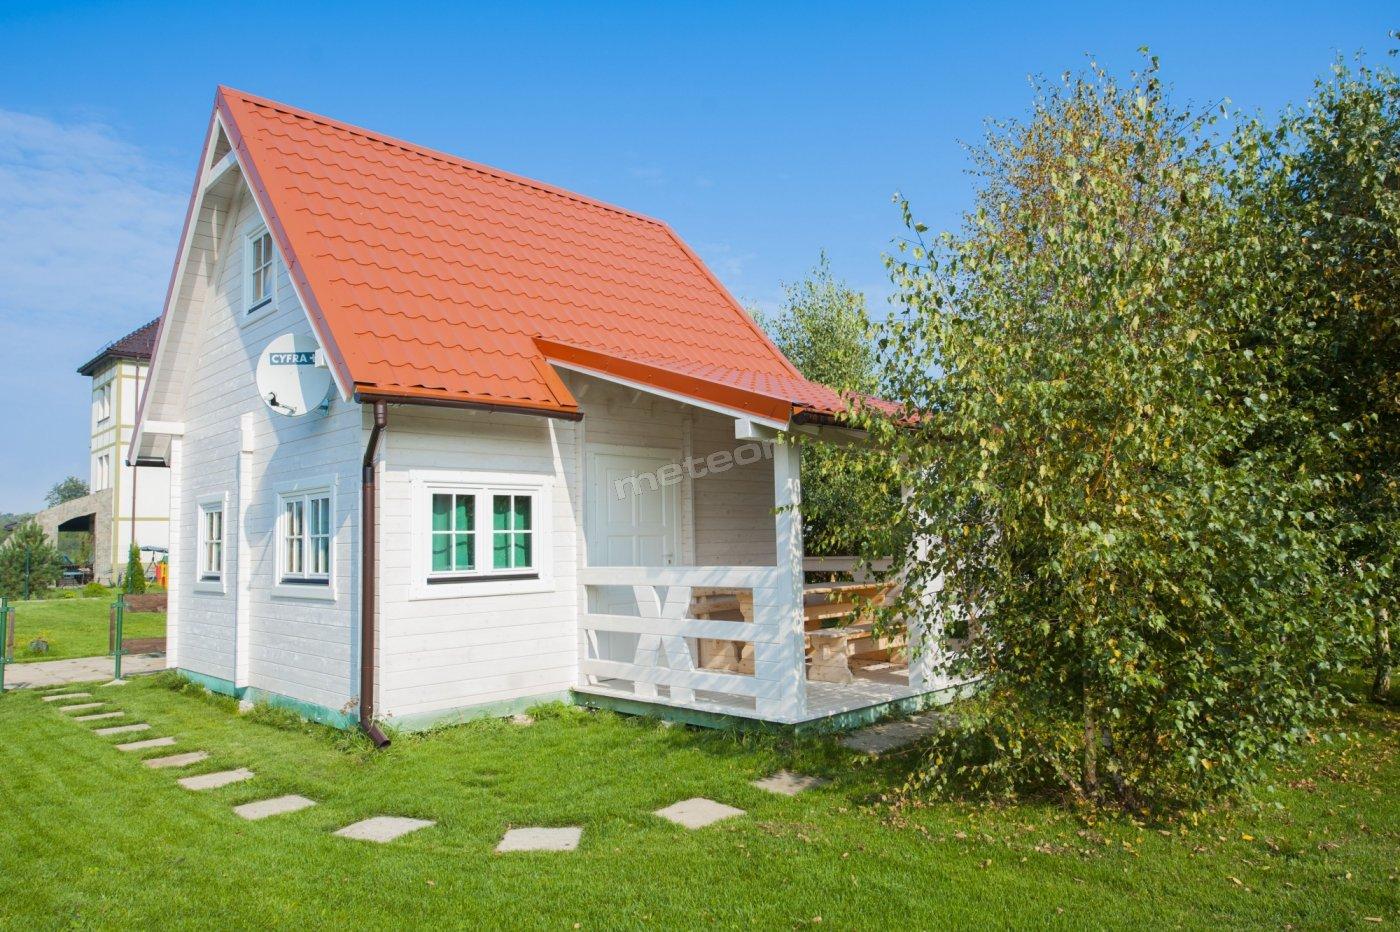 Domki Pomeranka